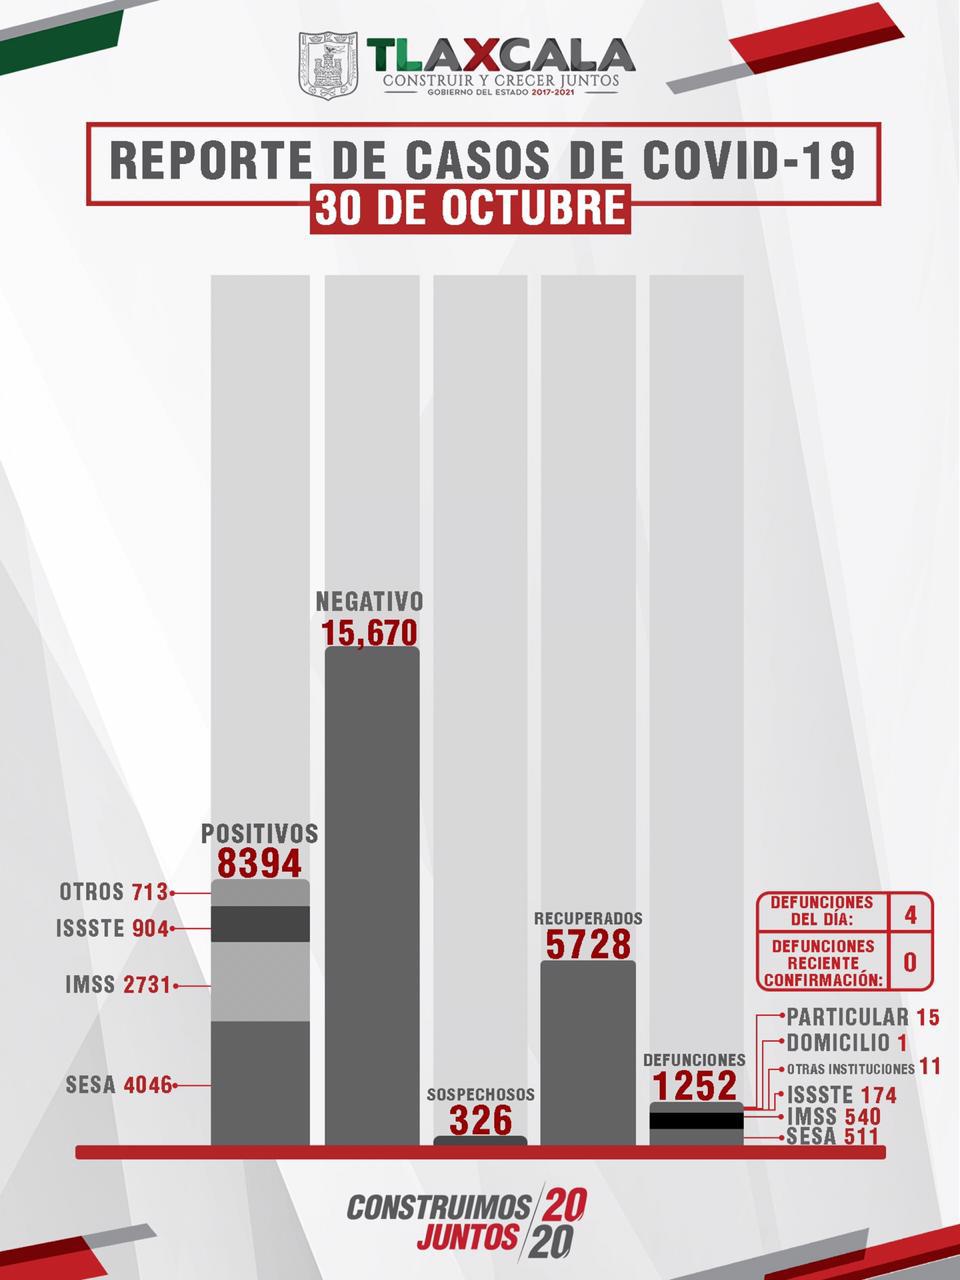 CONFIRMA SESA 25 PERSONAS RECUPERADAS, 4 DEFUNCIONES  Y 20 CASOS POSITIVOS EN TLAXCALA DE COVID-19